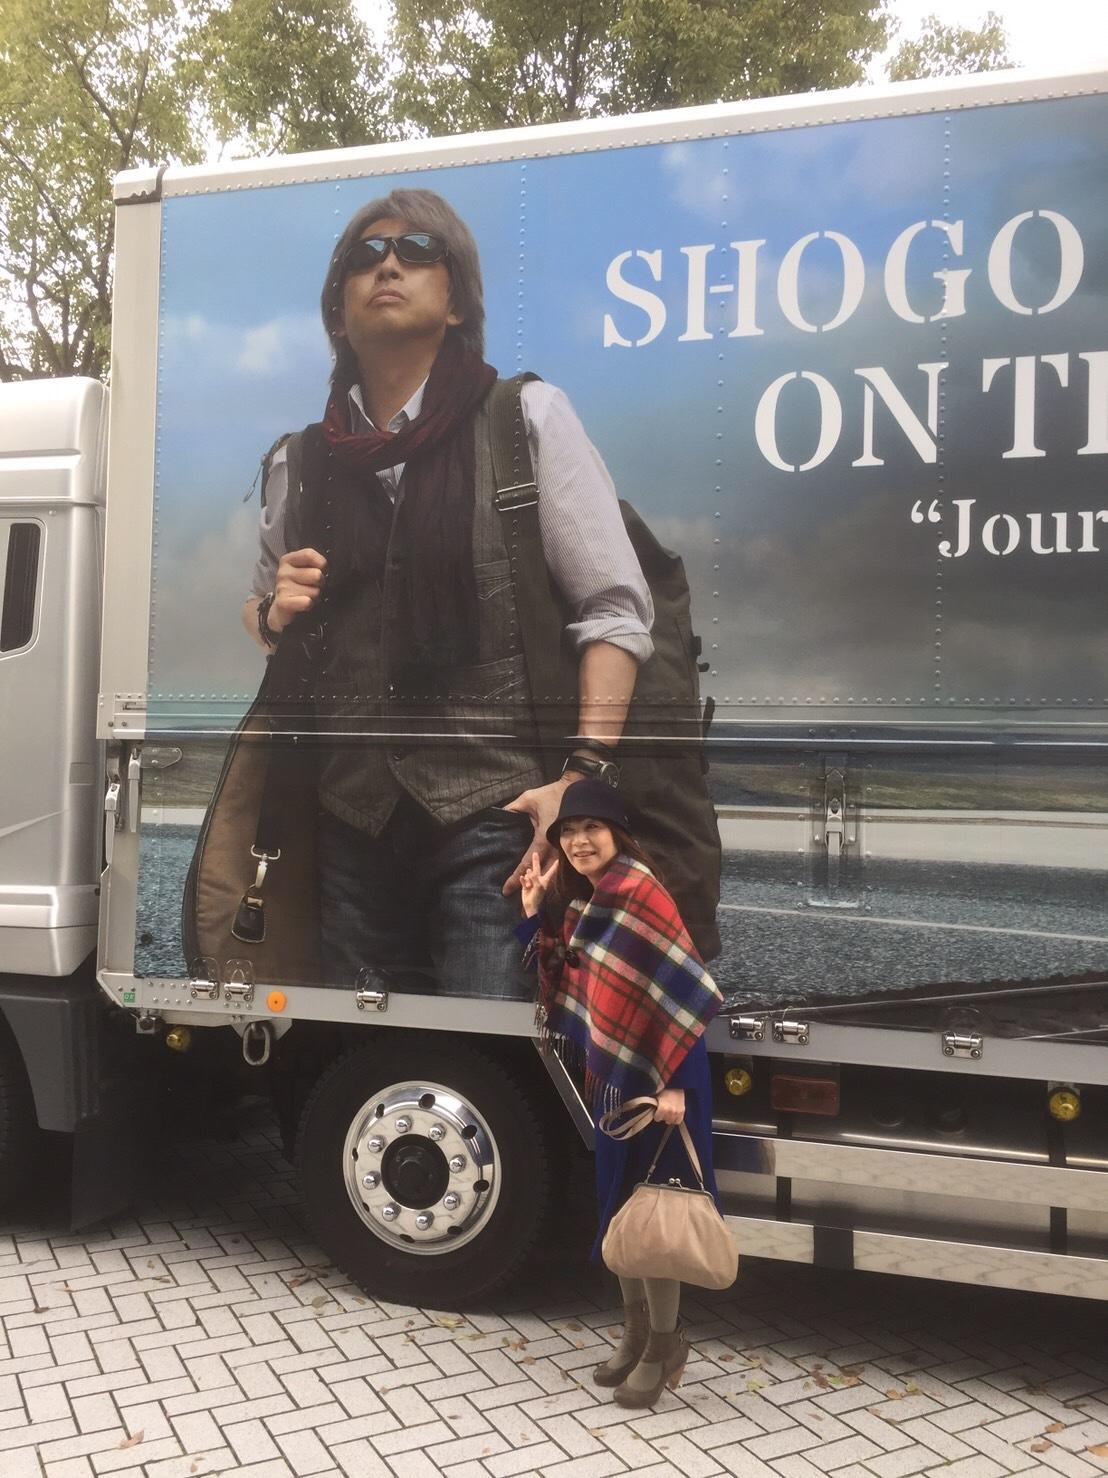 長年のファン、浜田省吾さんのコンサートに2日続けて行くことができました꒰⑅•ᴗ•。꒱໊♡♩_a0213806_00231606.jpg